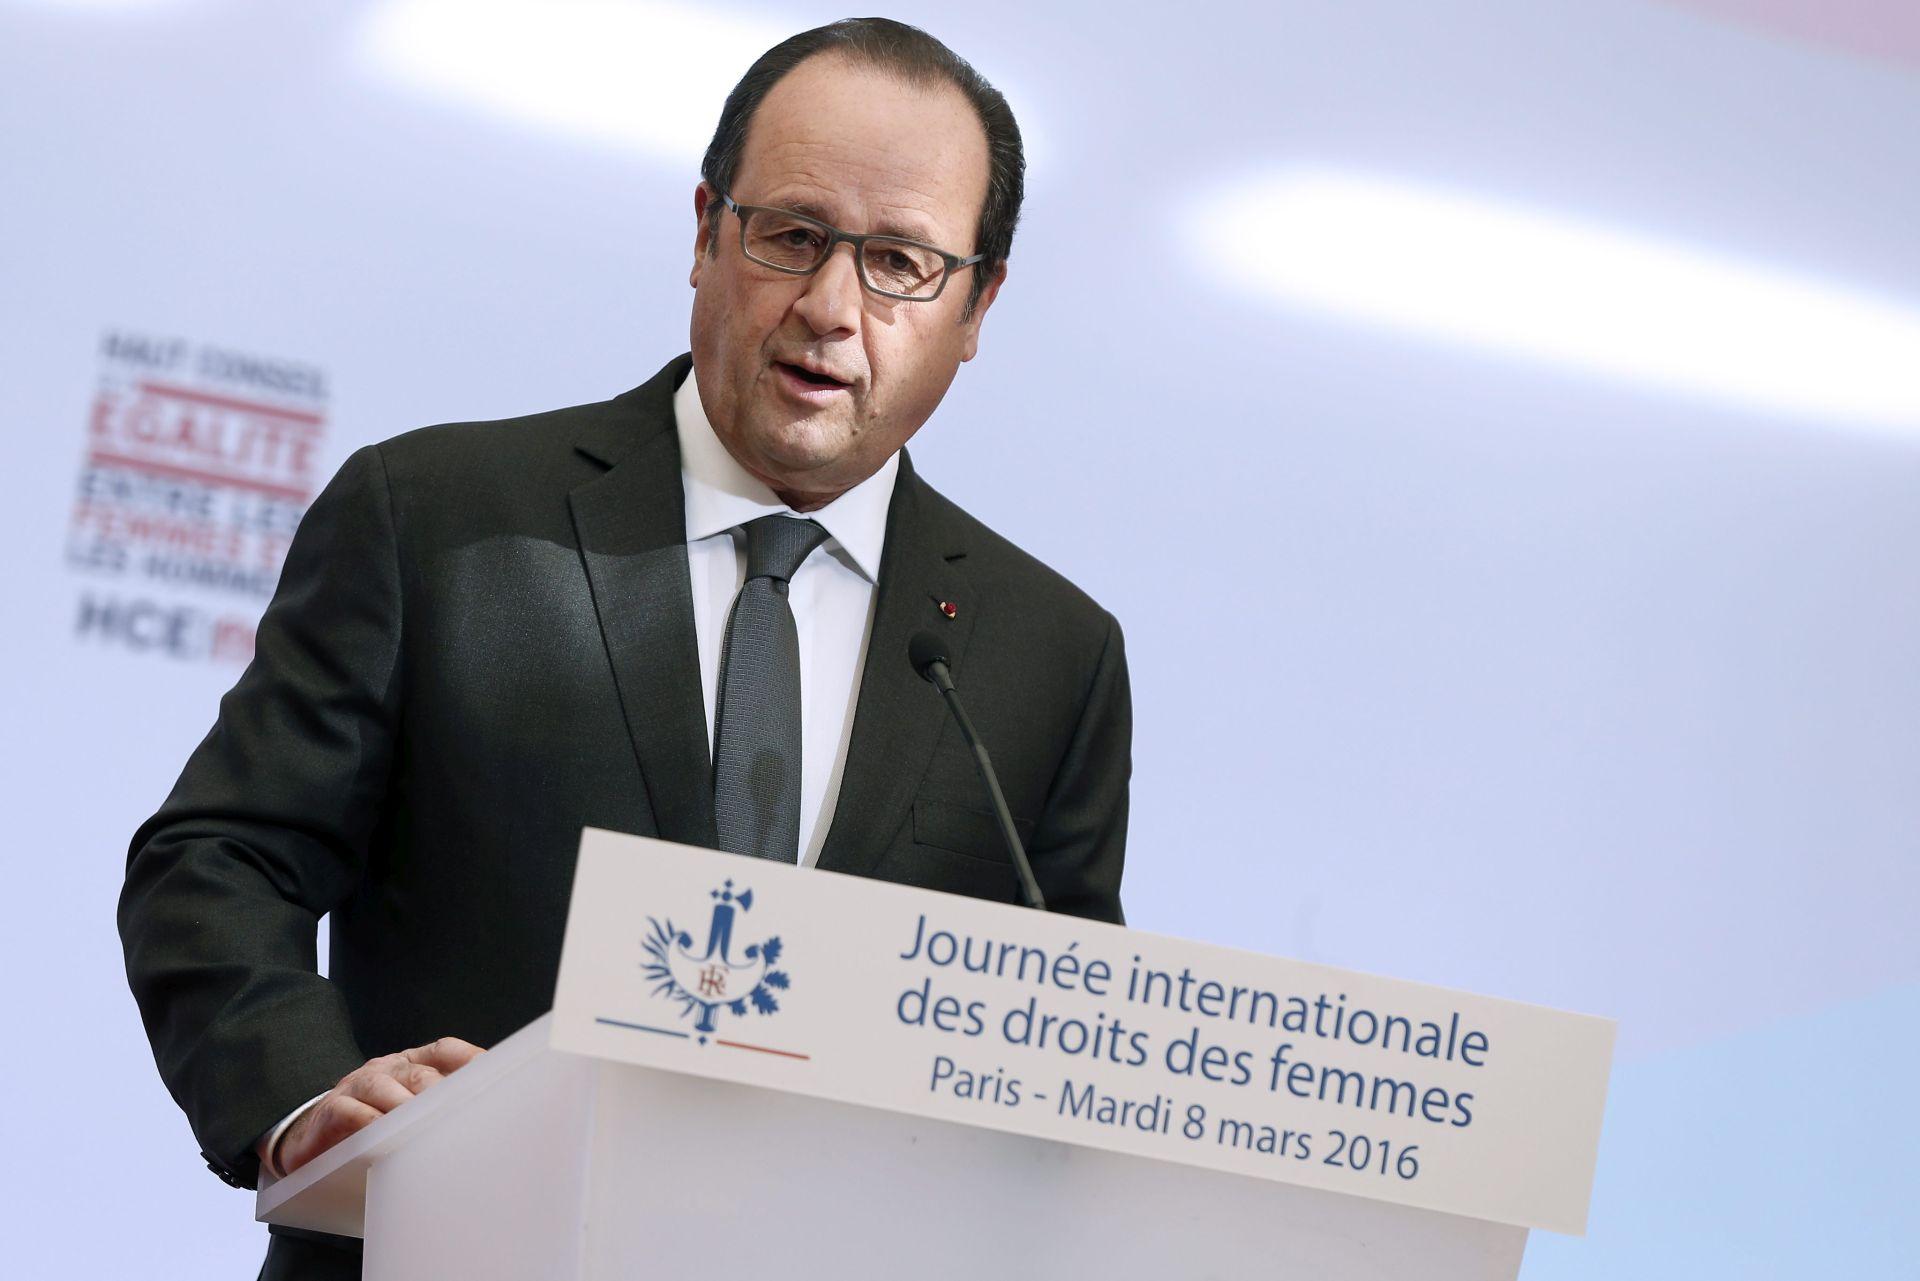 JAVNO MIŠLJENJE: Hollandeu i dalje pada rejting